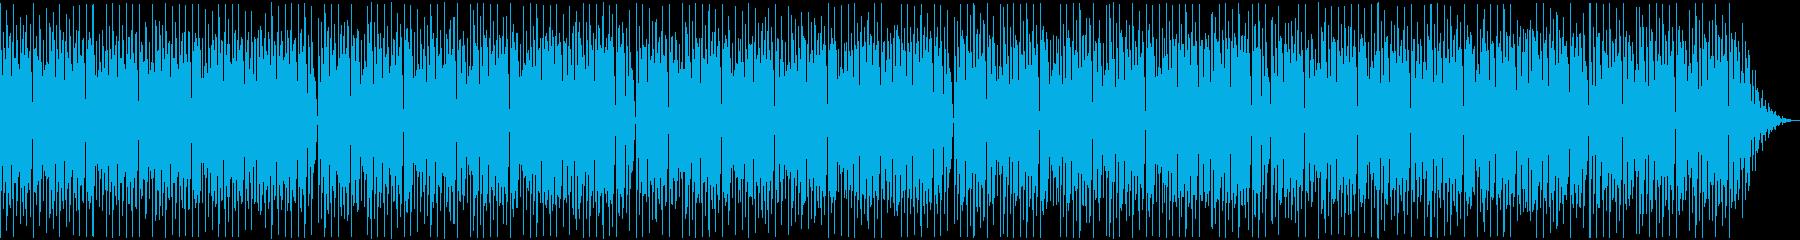 ほのぼのBGM!スロー(ピアノとバンド)の再生済みの波形